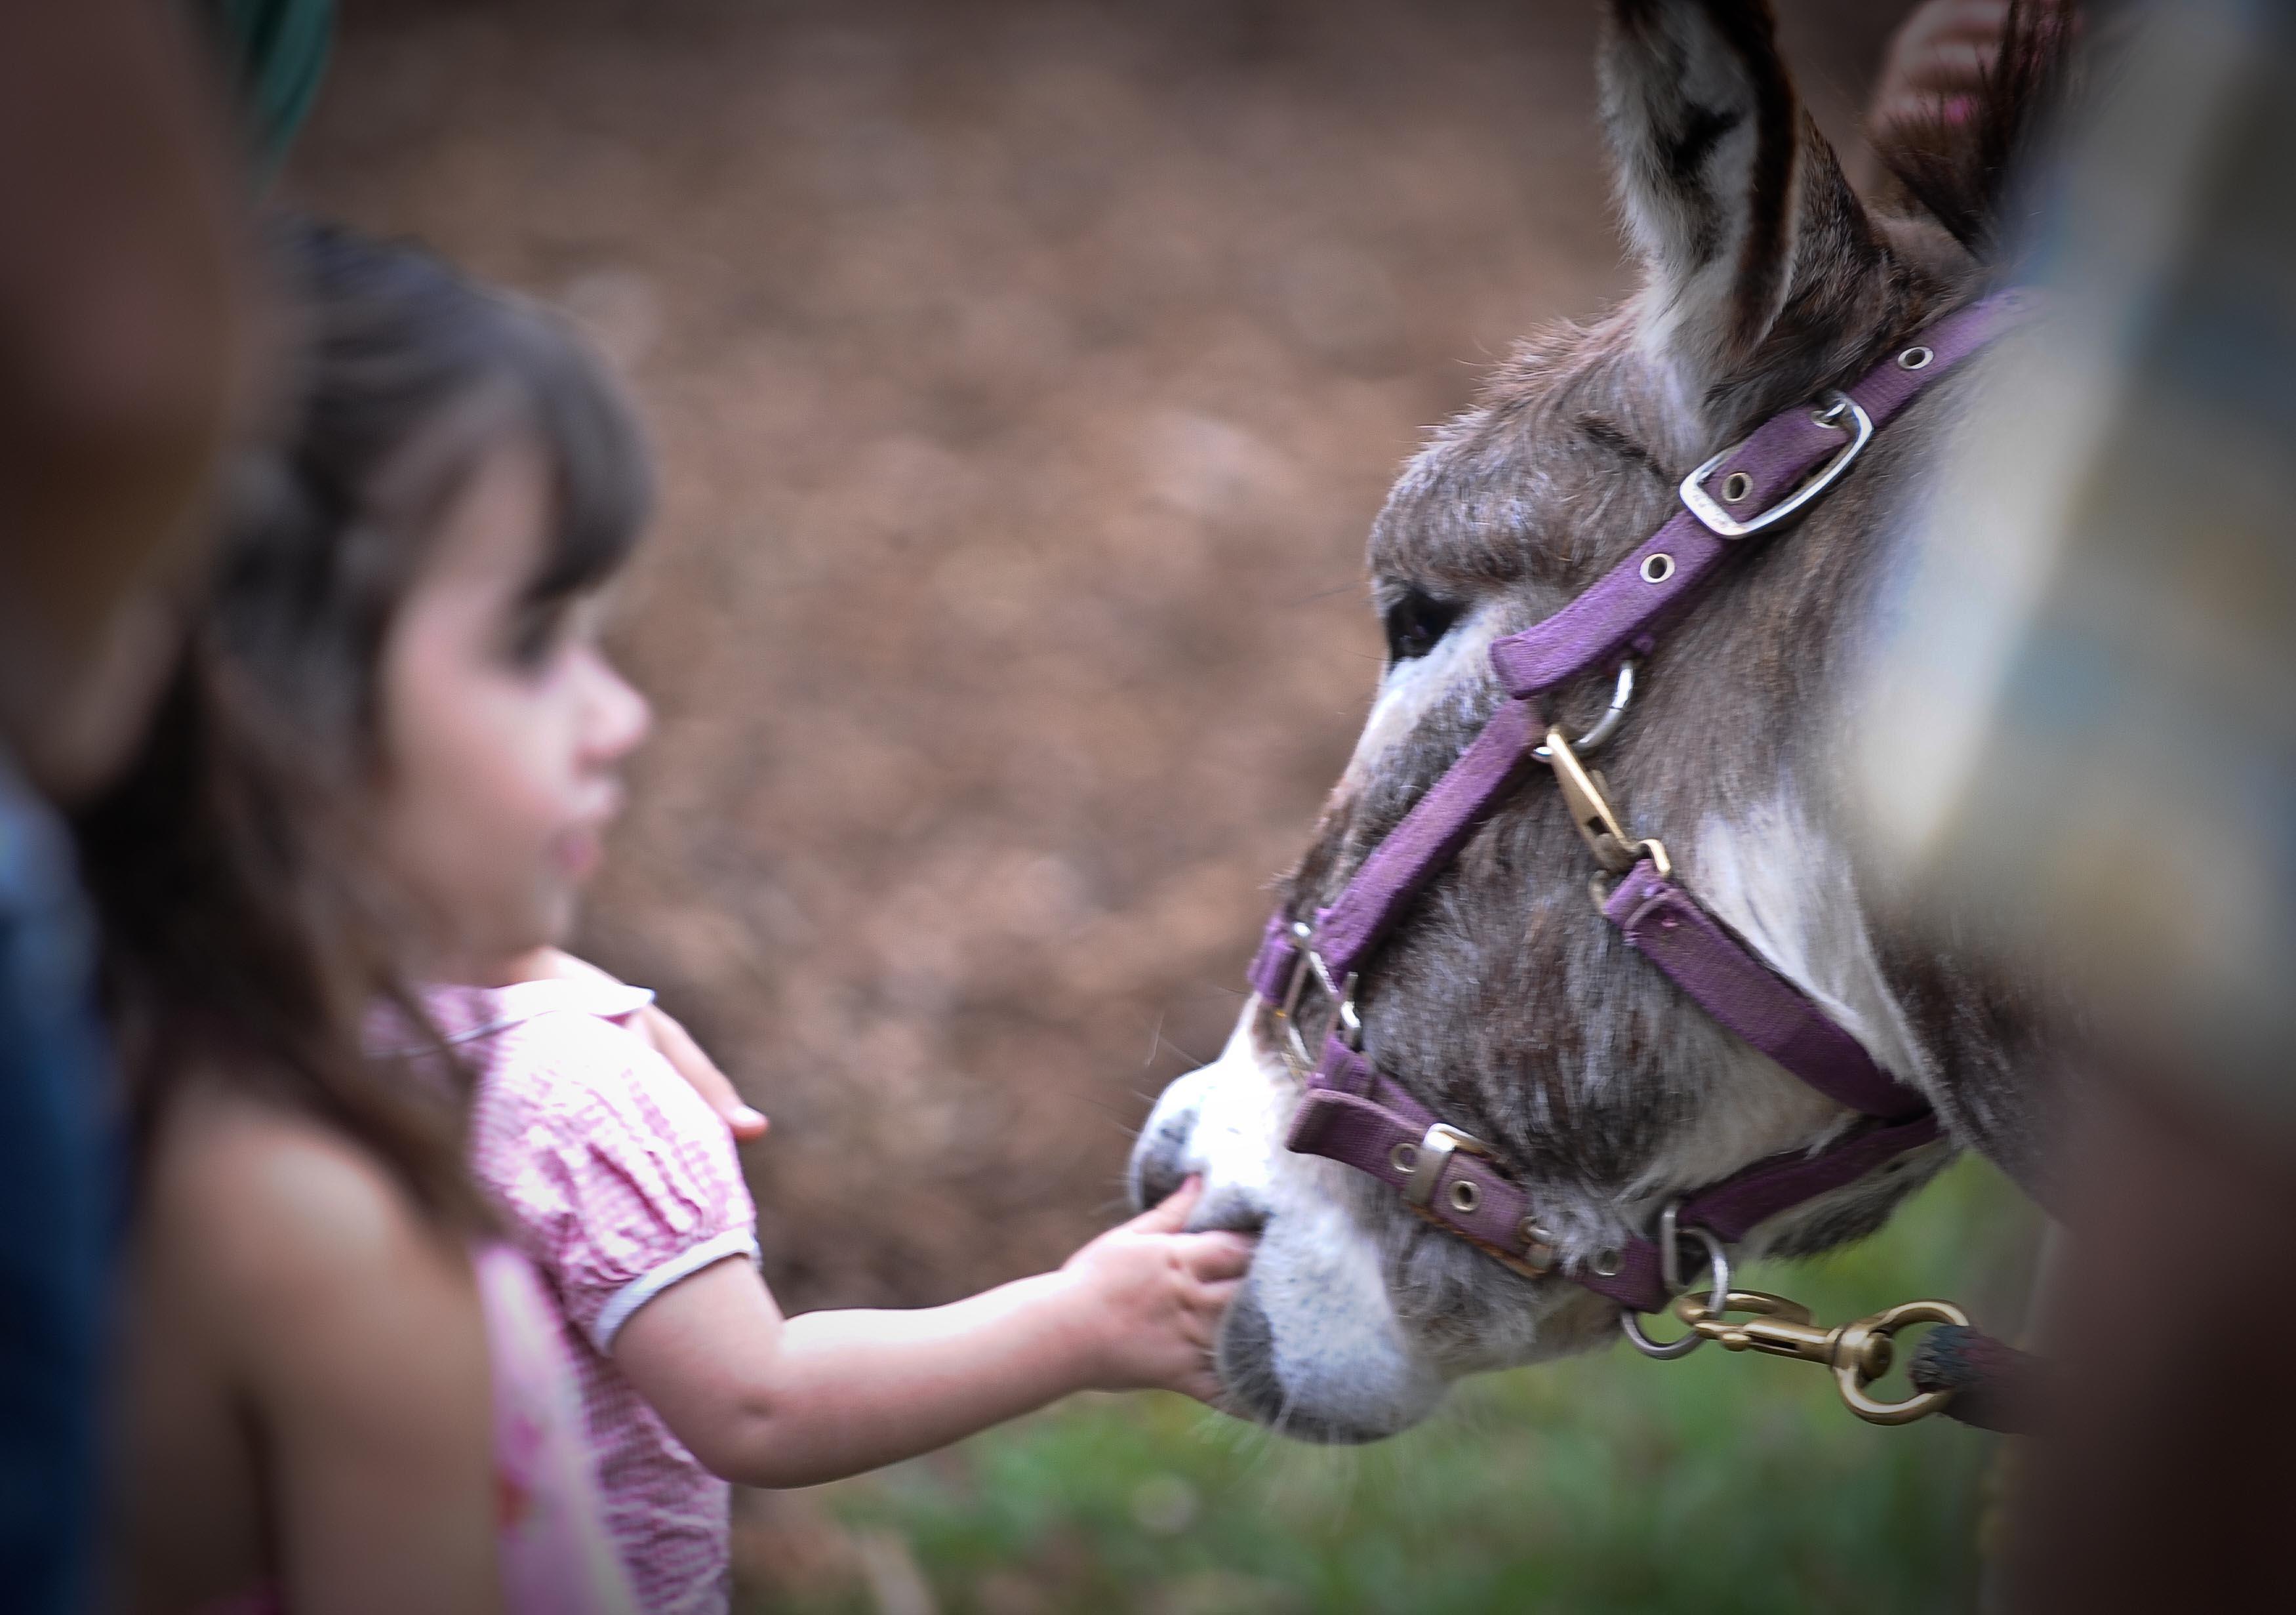 donkey biting